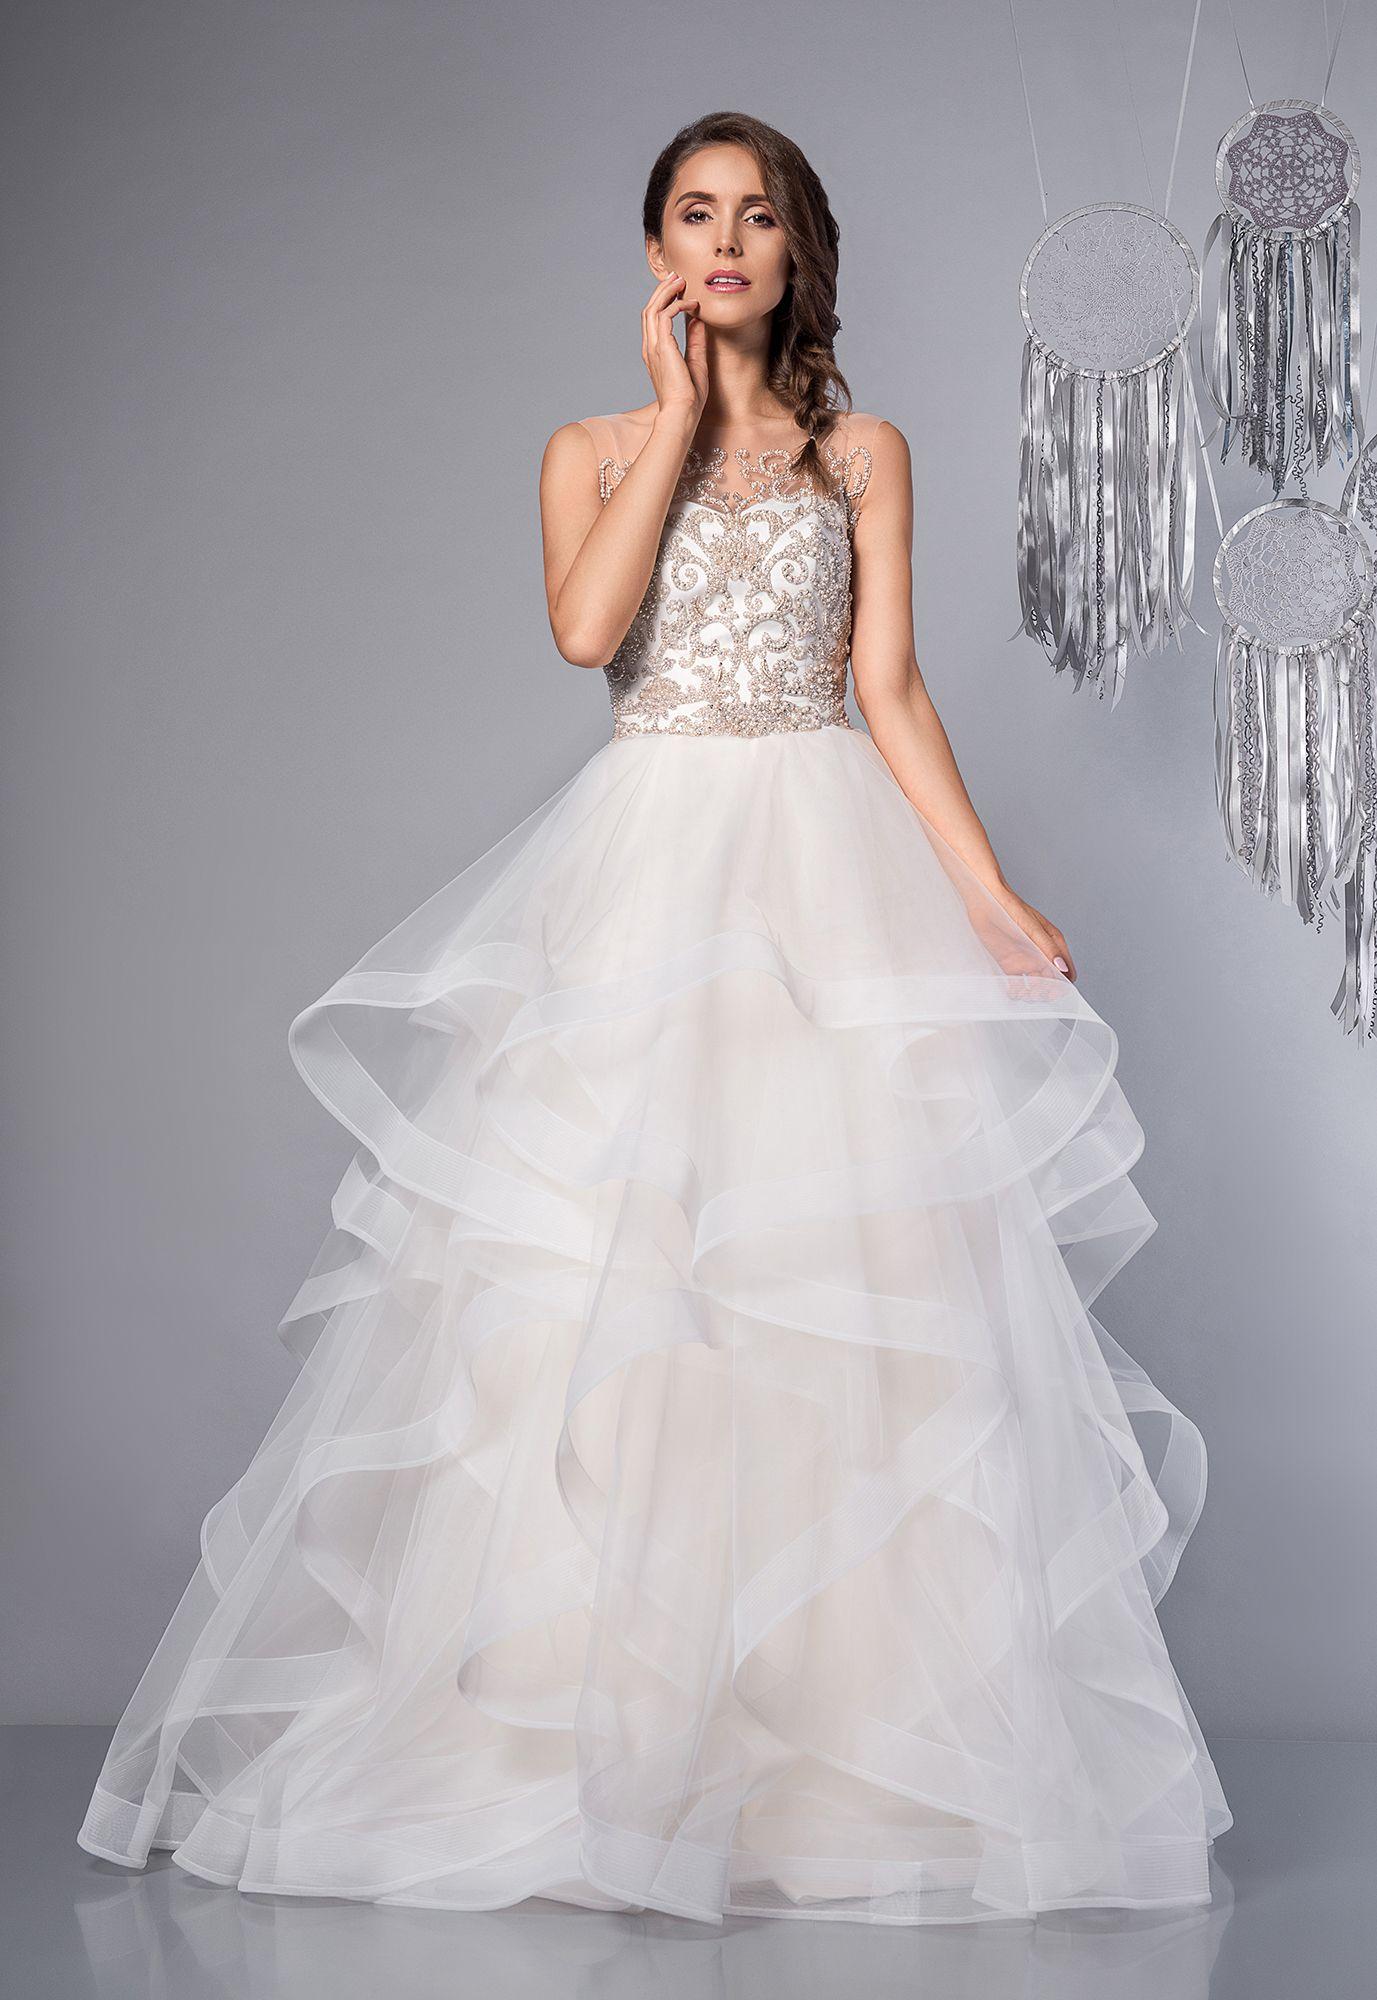 dfcbef522b Rainbow - oszałamiająca suknia ślubna zdobiona